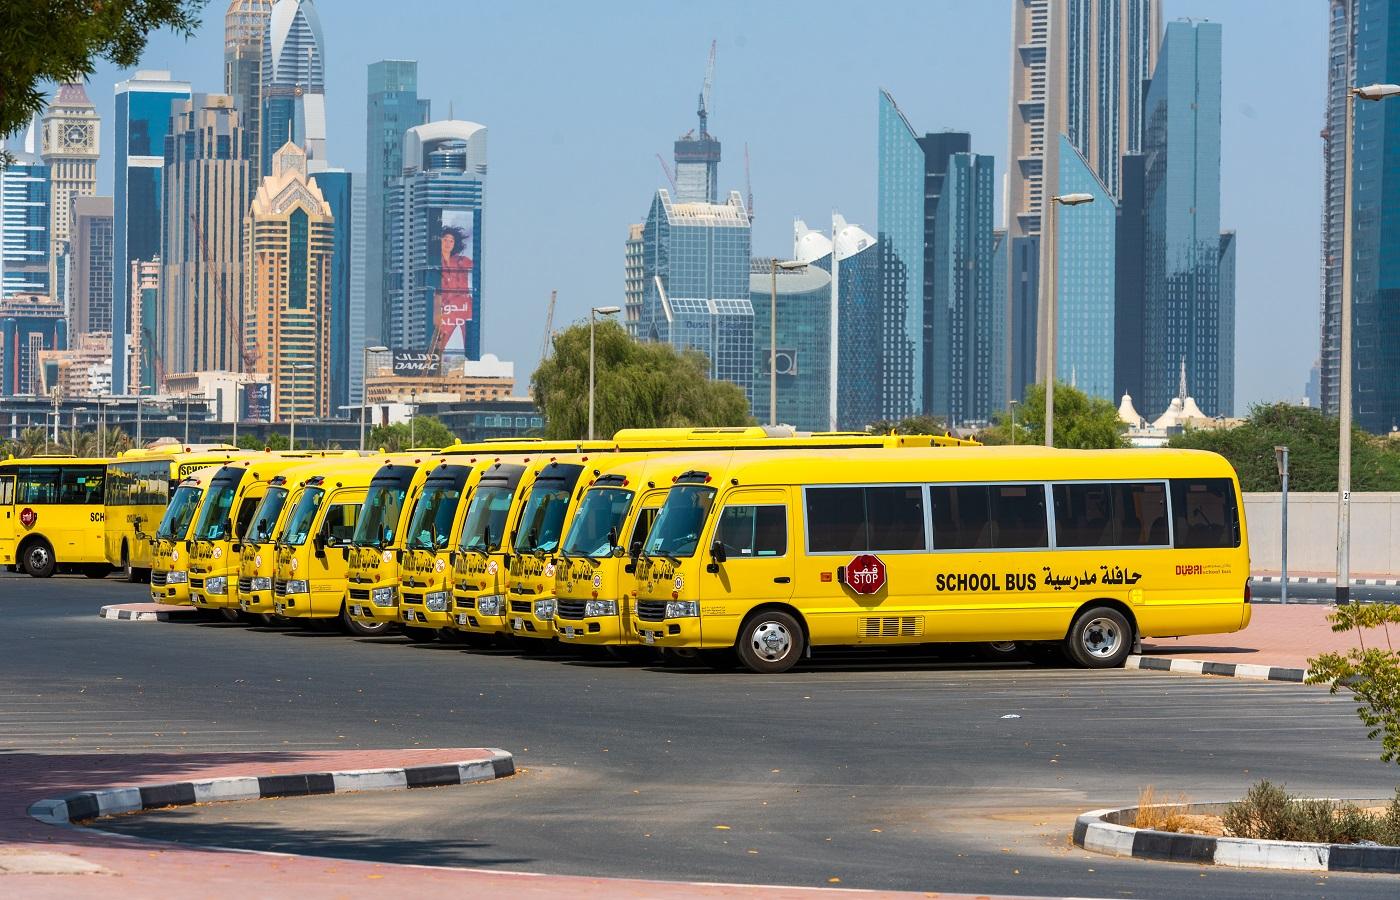 Dubai School buses